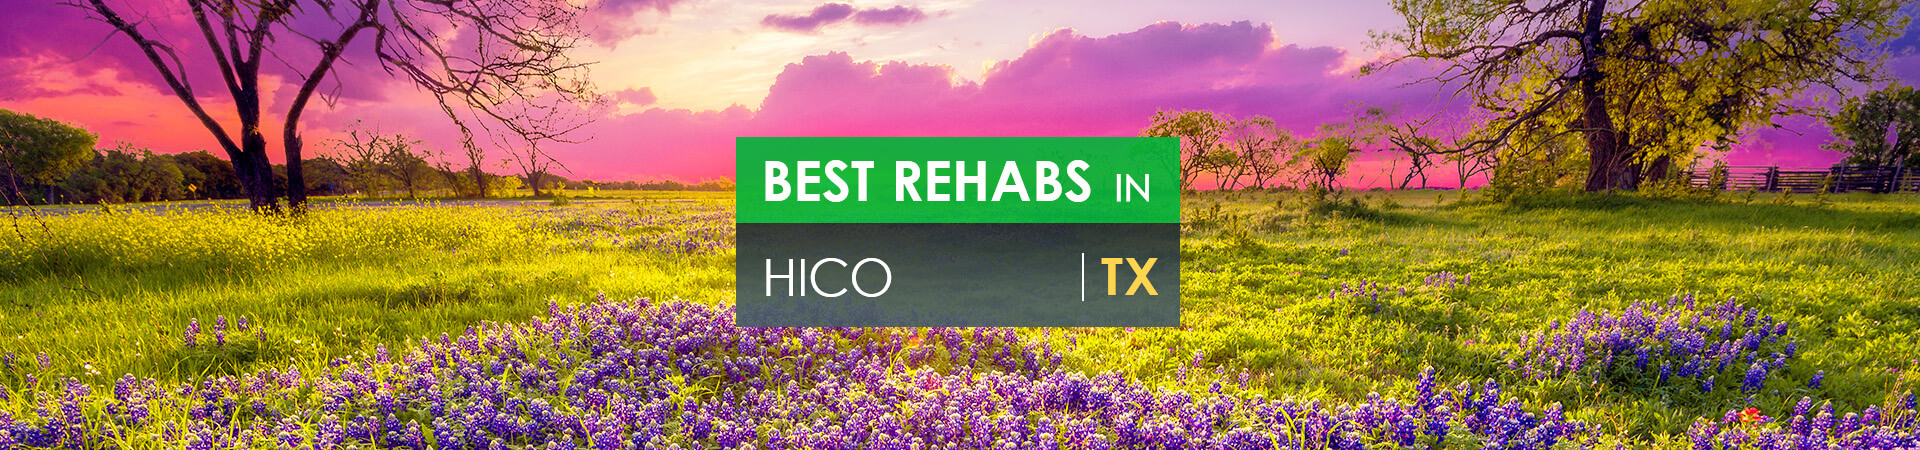 Best rehabs in Hico, TX